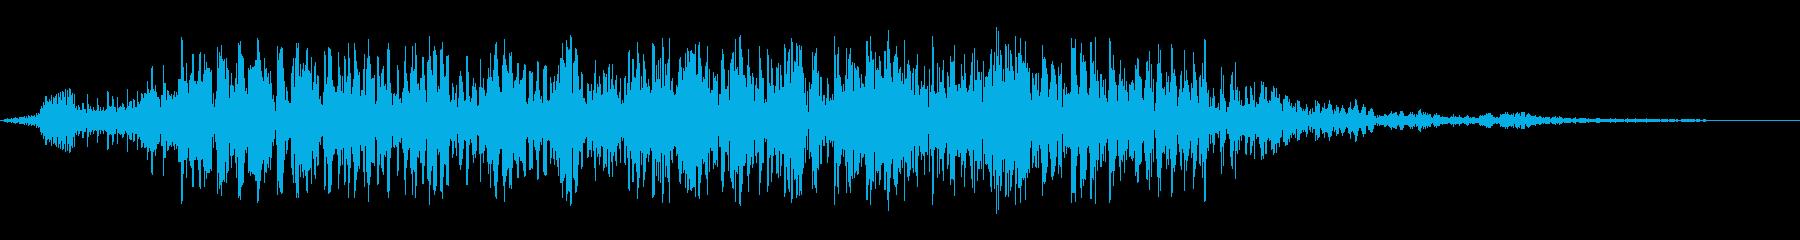 ゴロゴロ恐竜の再生済みの波形